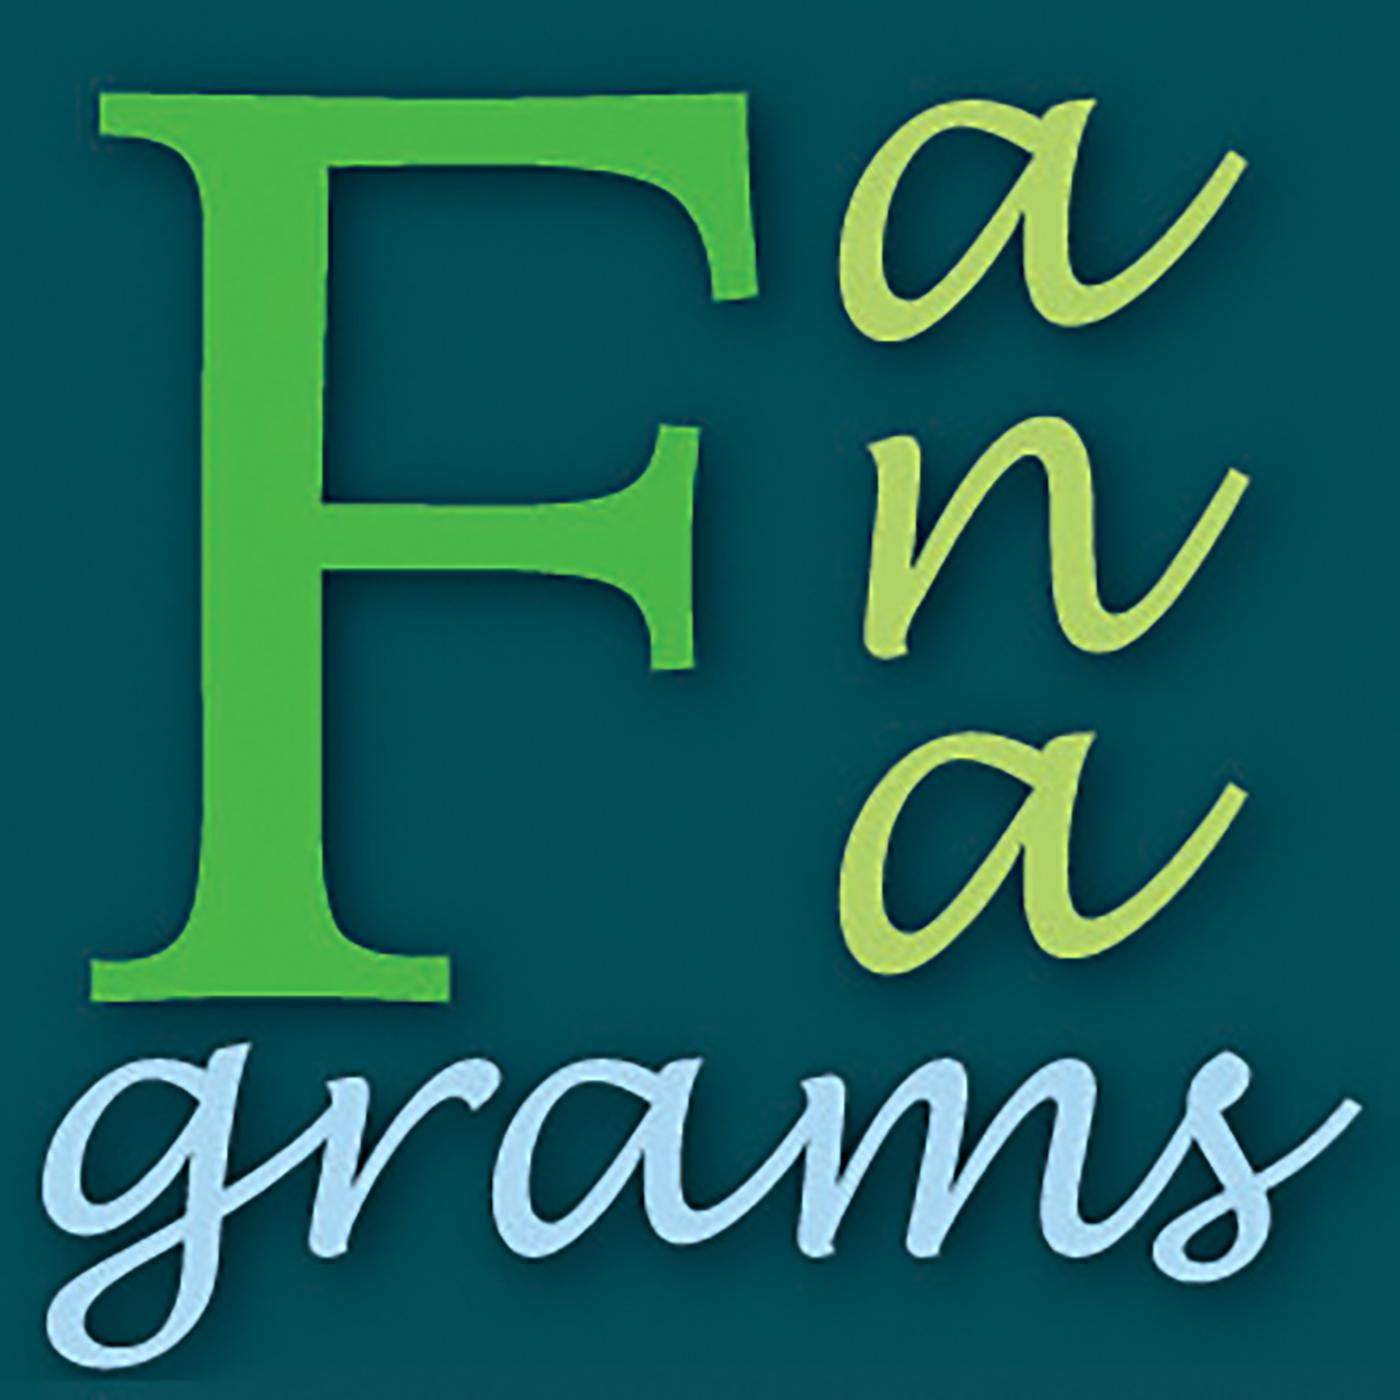 Fanagrams